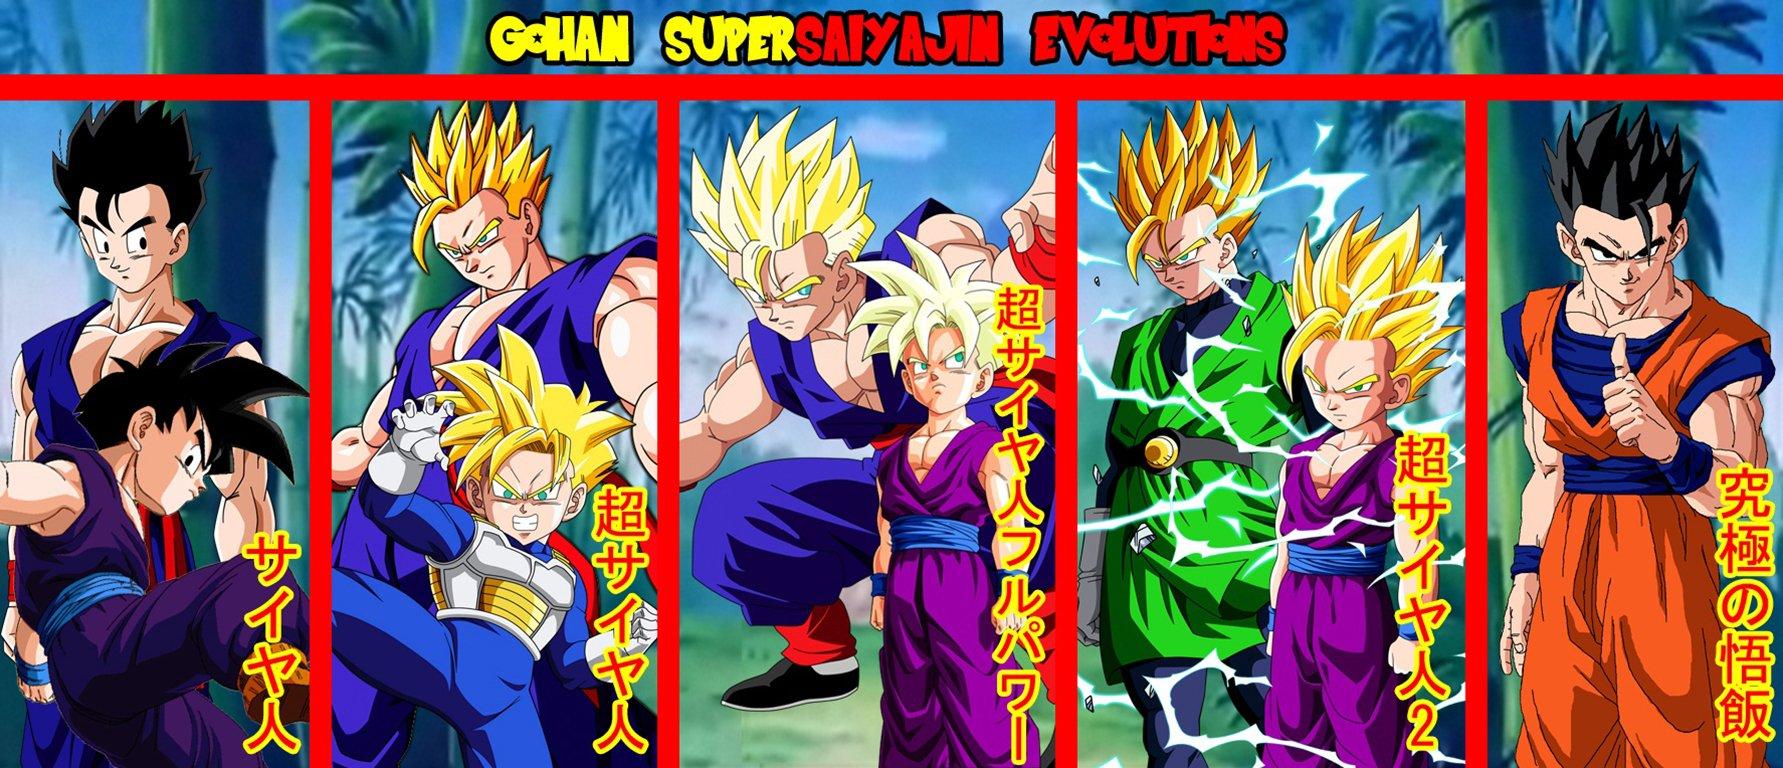 Goku Ssj Dios Para Fondo De Pantalla: Gohan Supersaiyajin Evolutions Papel De Parede And Planos